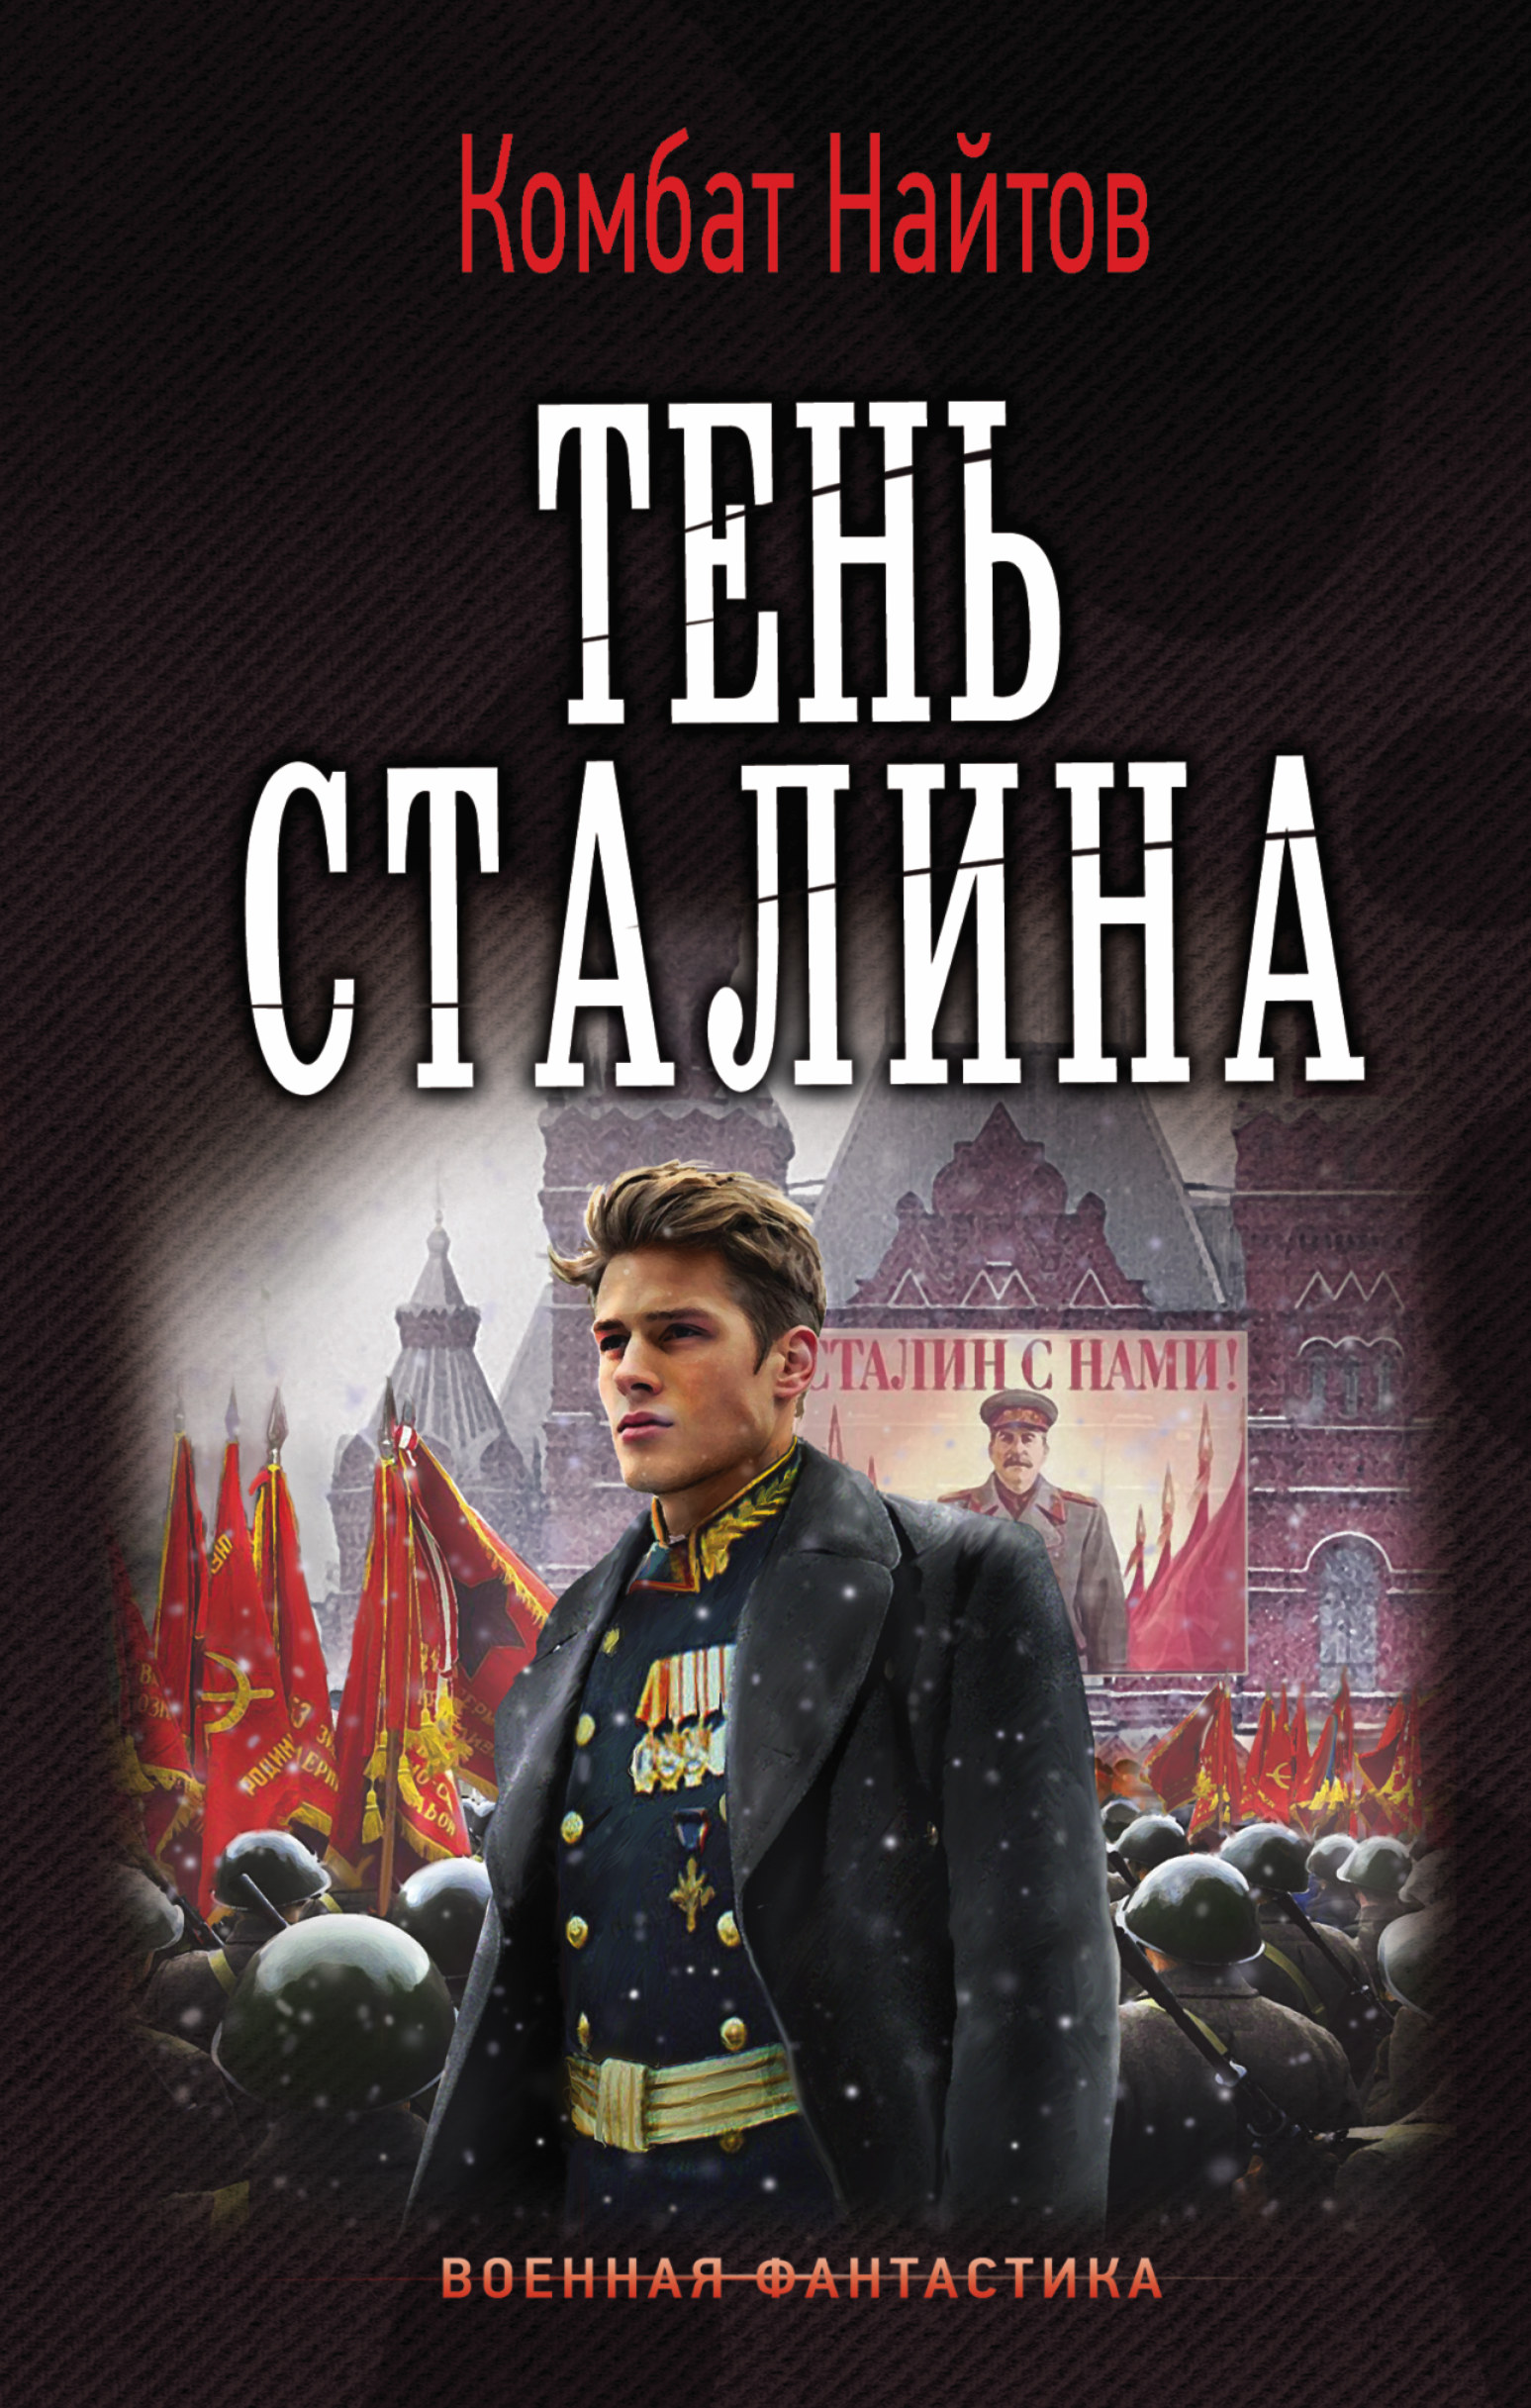 Найтов Комбат Тень Сталина комбат найтов оружейник